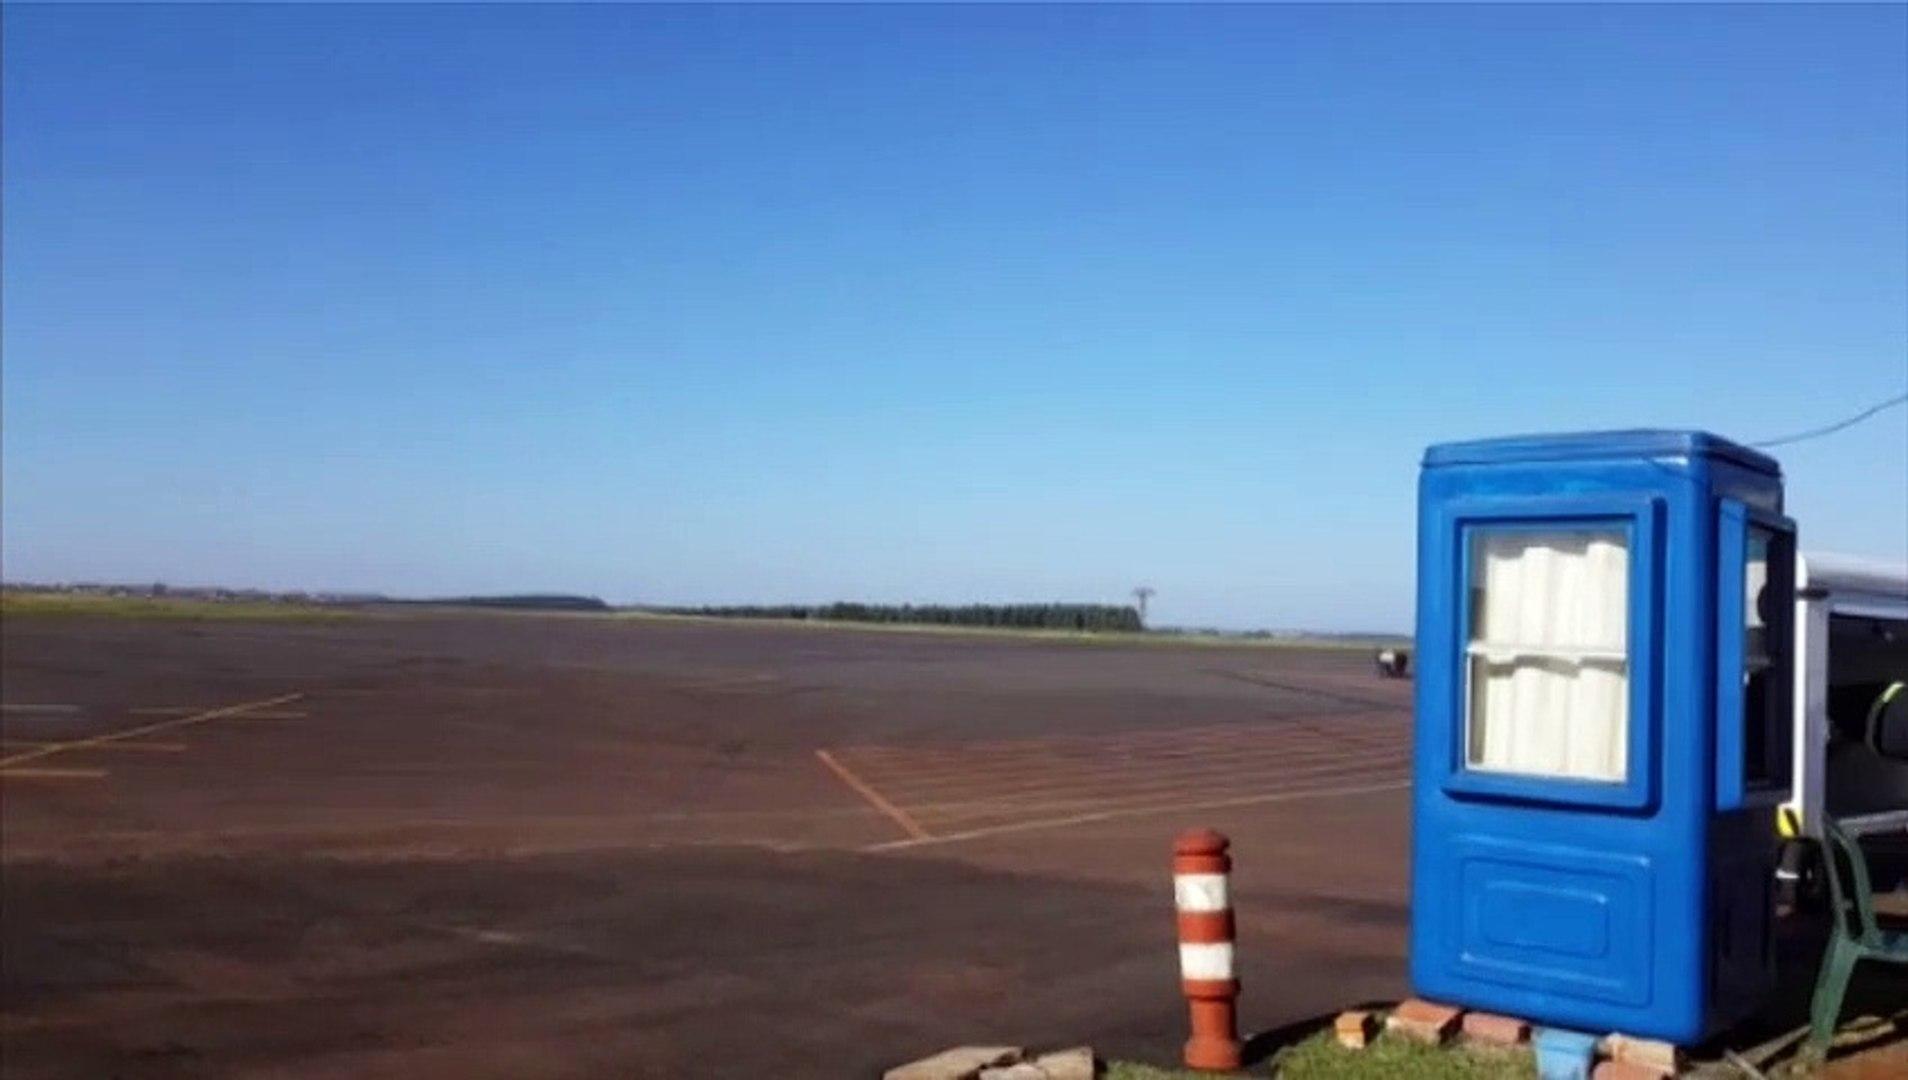 Mesmo com céu 'limpo', aviões da Azul não pousam em Cascavel e seguem para Foz do Iguaçu